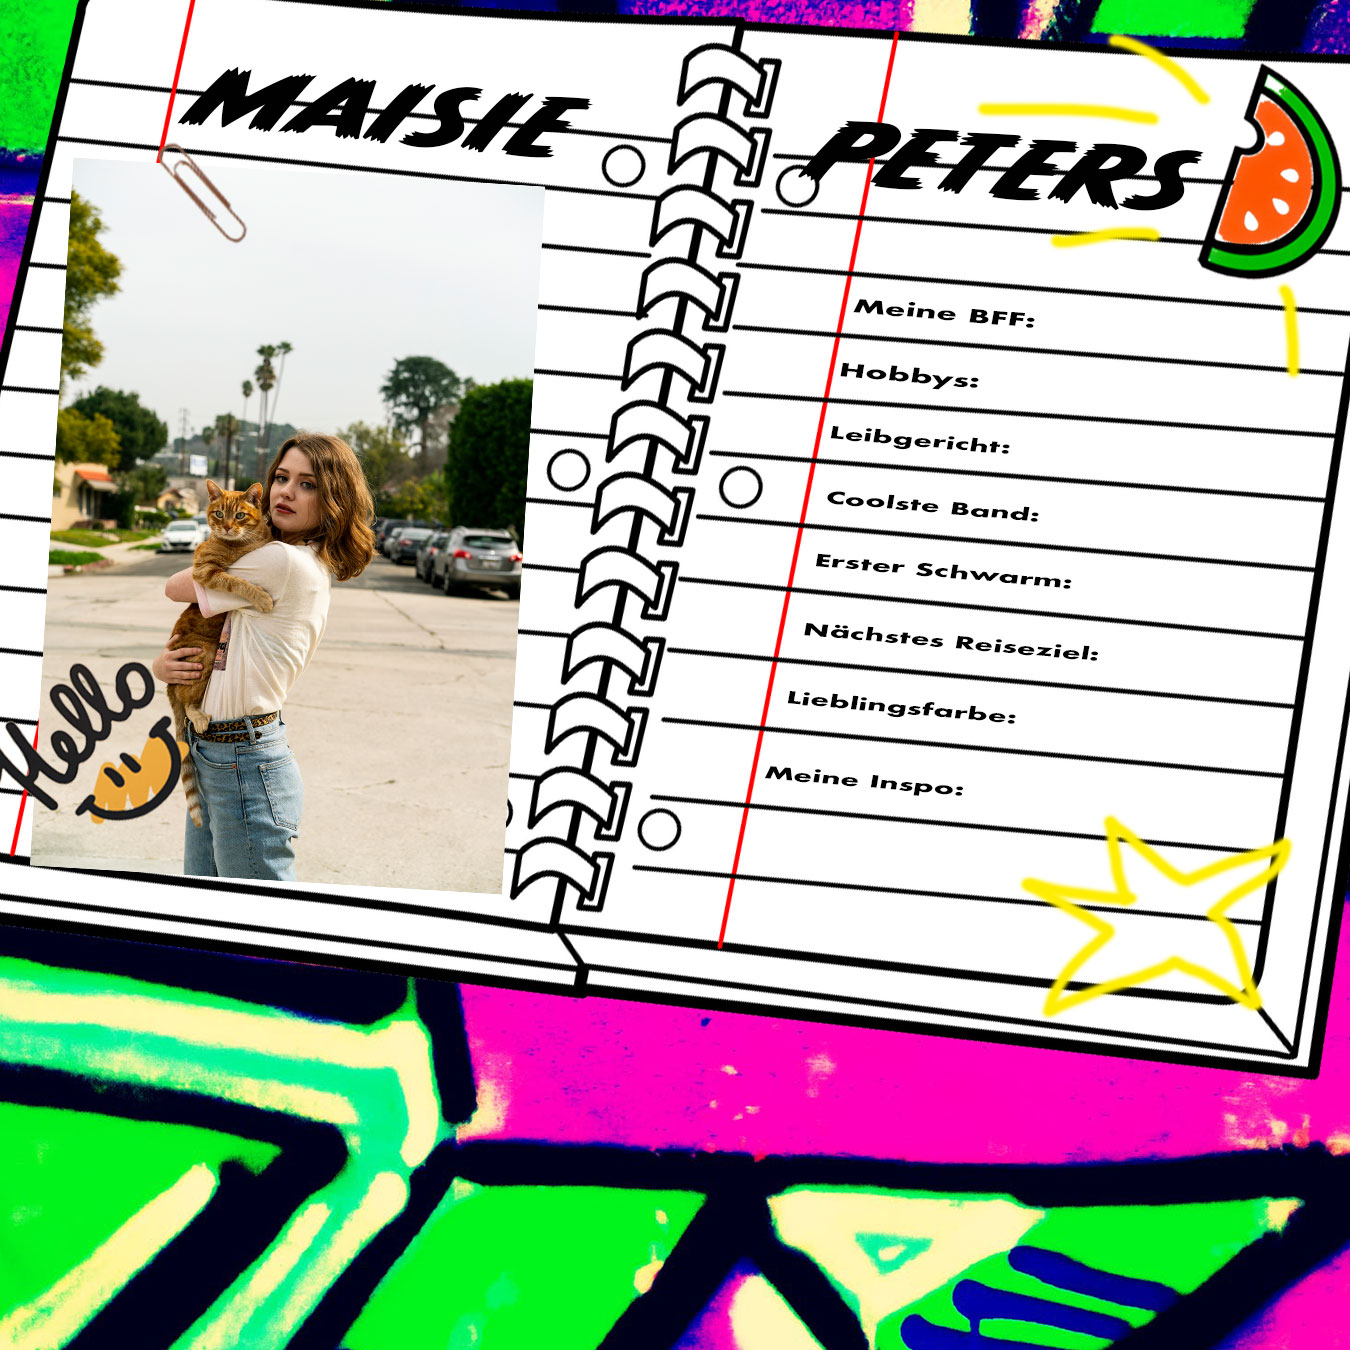 Maisie Peters schreibt ins NYLON-Freundebuch